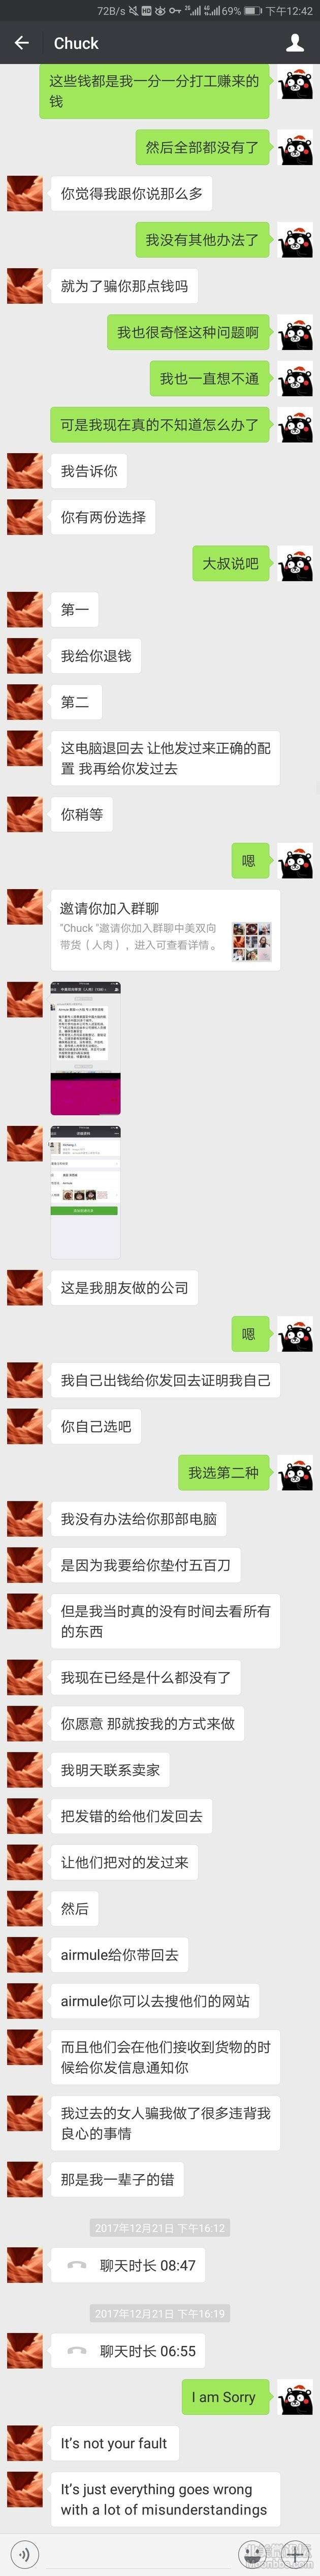 Screenshot_2018-01-12-12-42-19.jpg